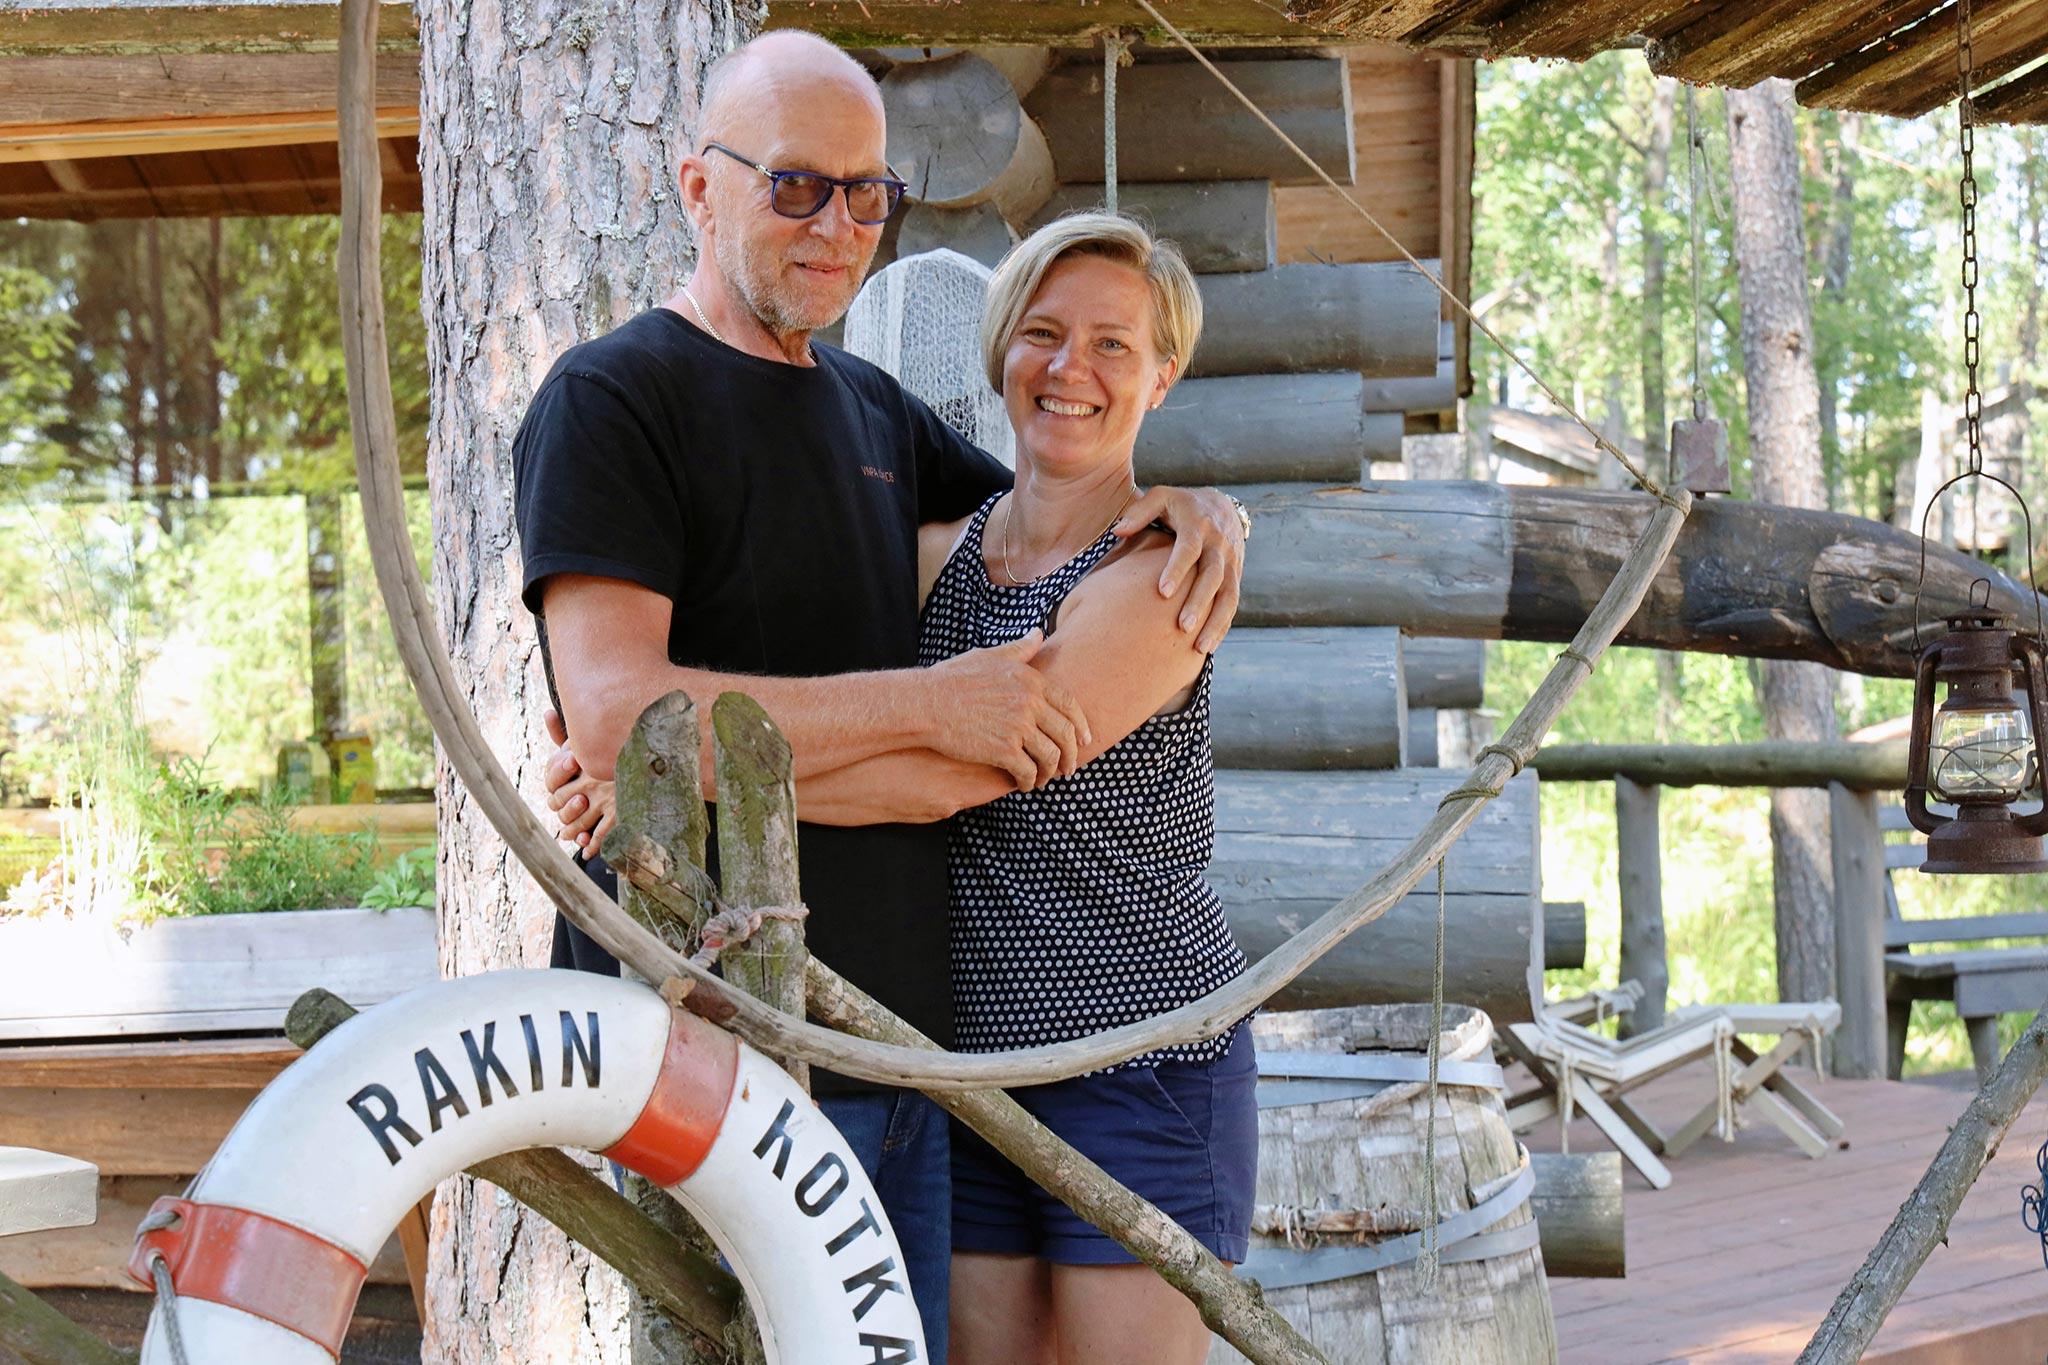 """Matkailuyrittäjät Pertti """"Pete"""" Illi ja Virpi Illi pyörittävät Rakin Kotkan matkailutoimintaa. Kuva: Päivi Arvonen"""